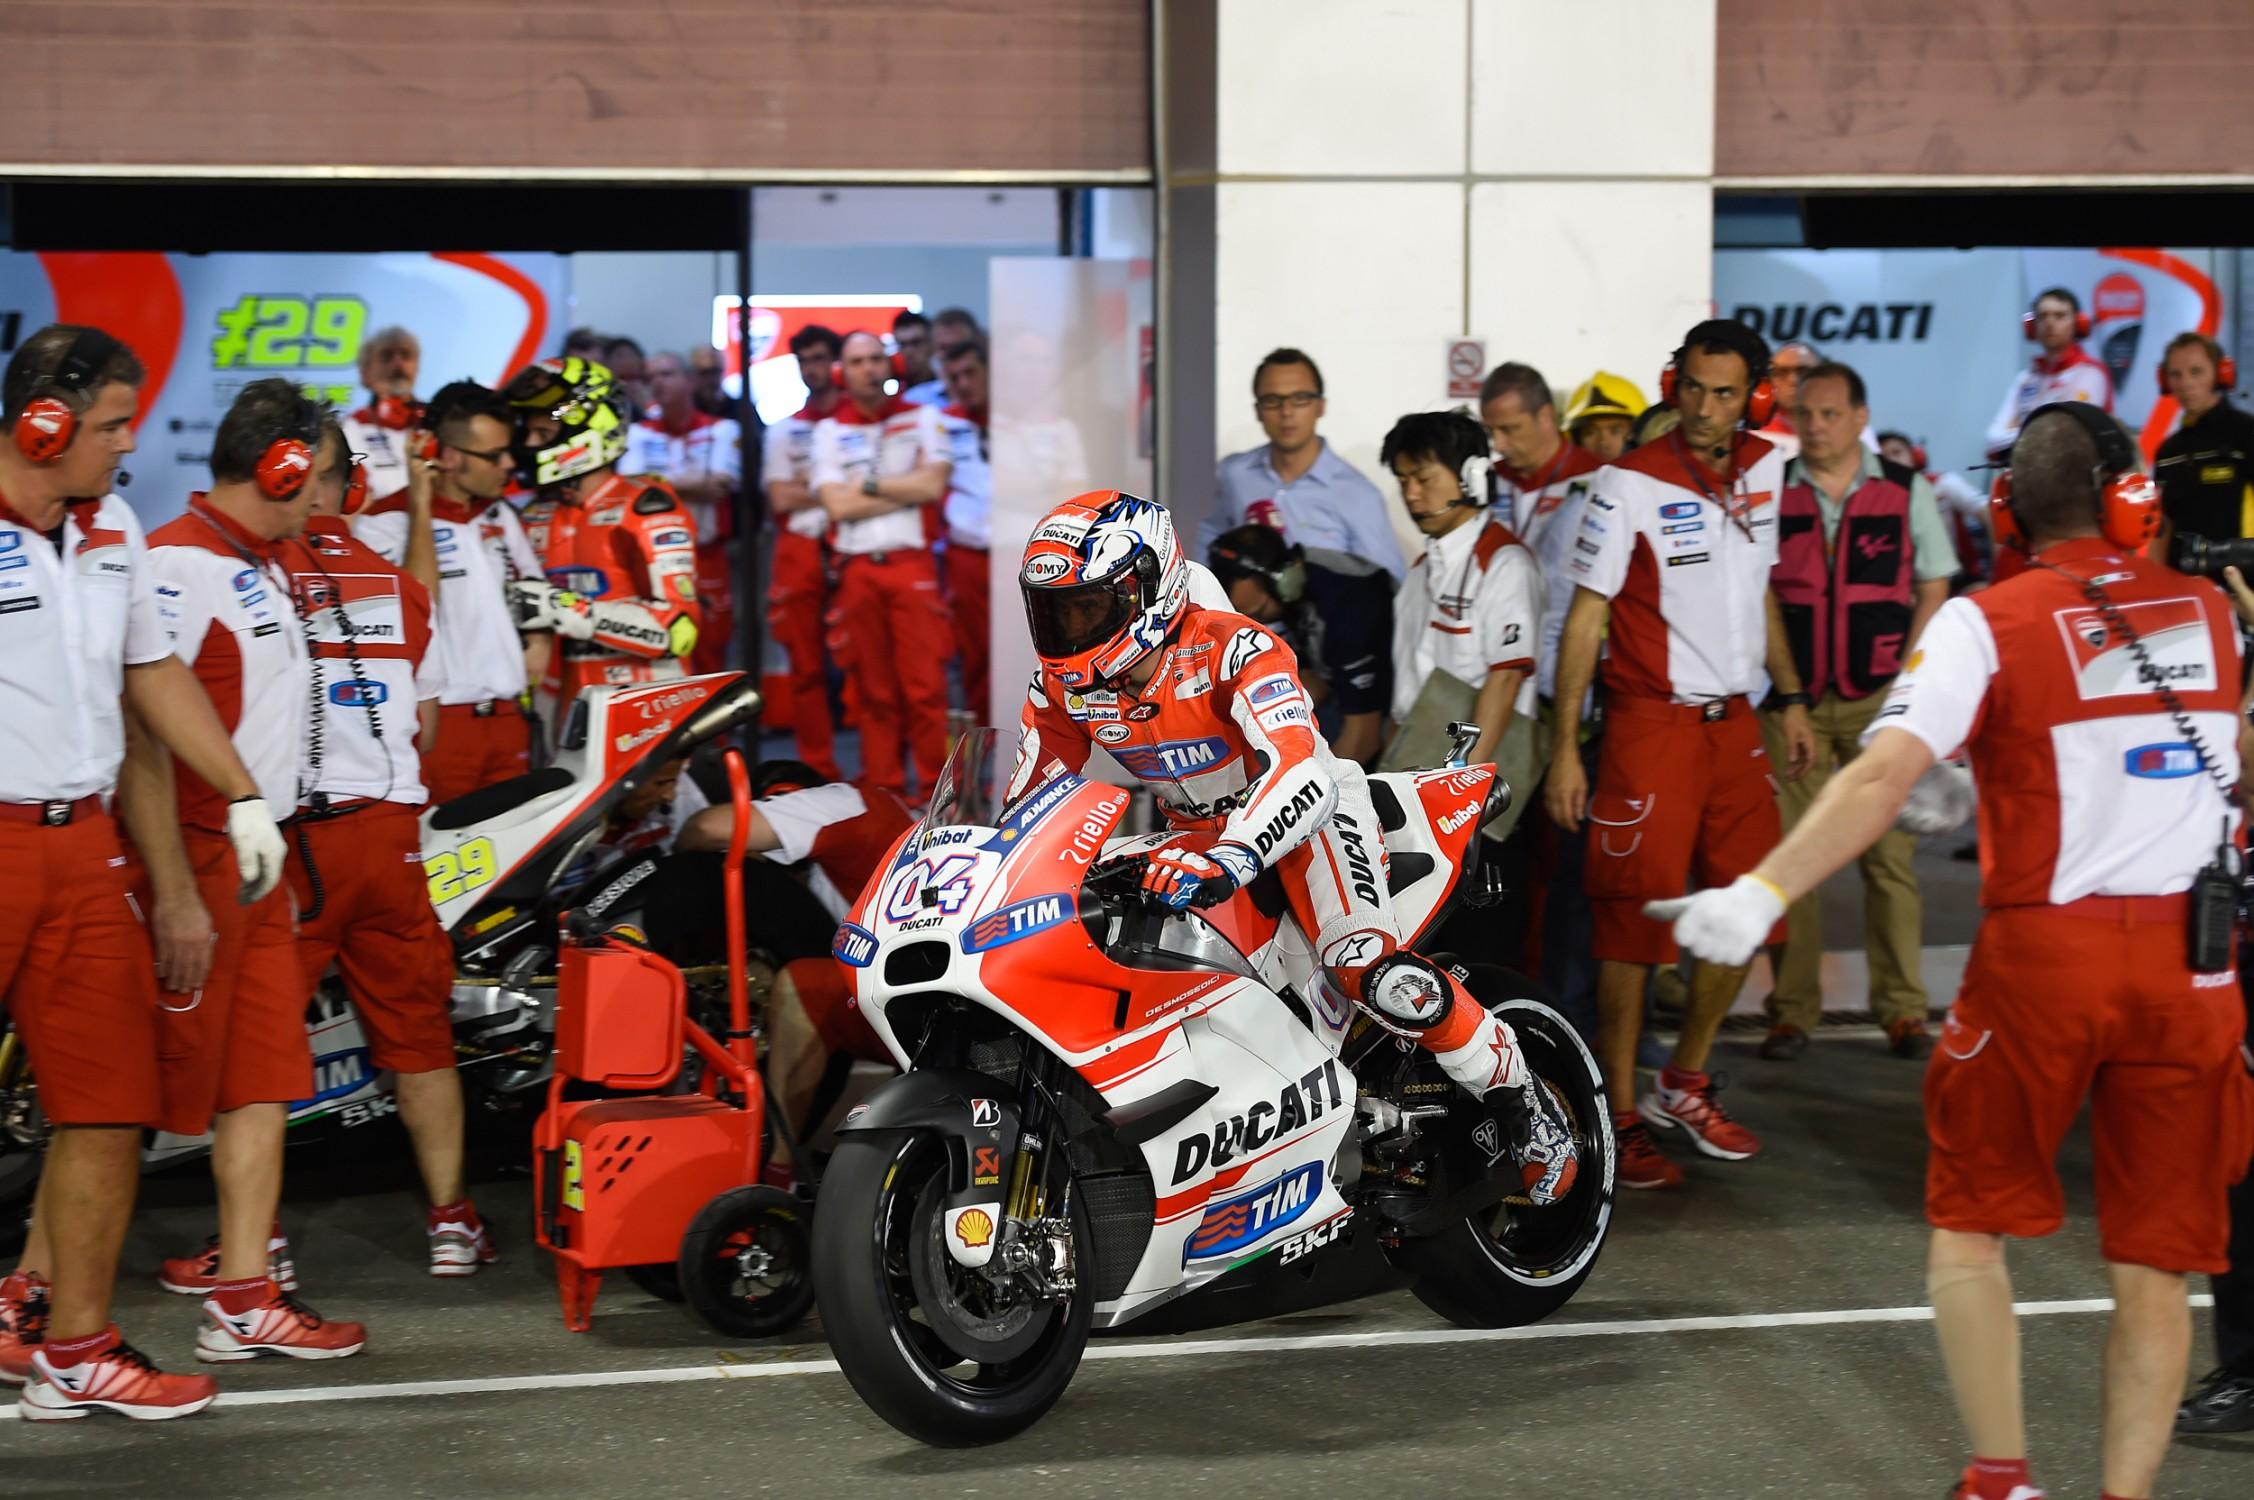 Hasil Kualifikasi Motogp Qatar 2015, Ducati Start di Depan Euy…. | motohits.com